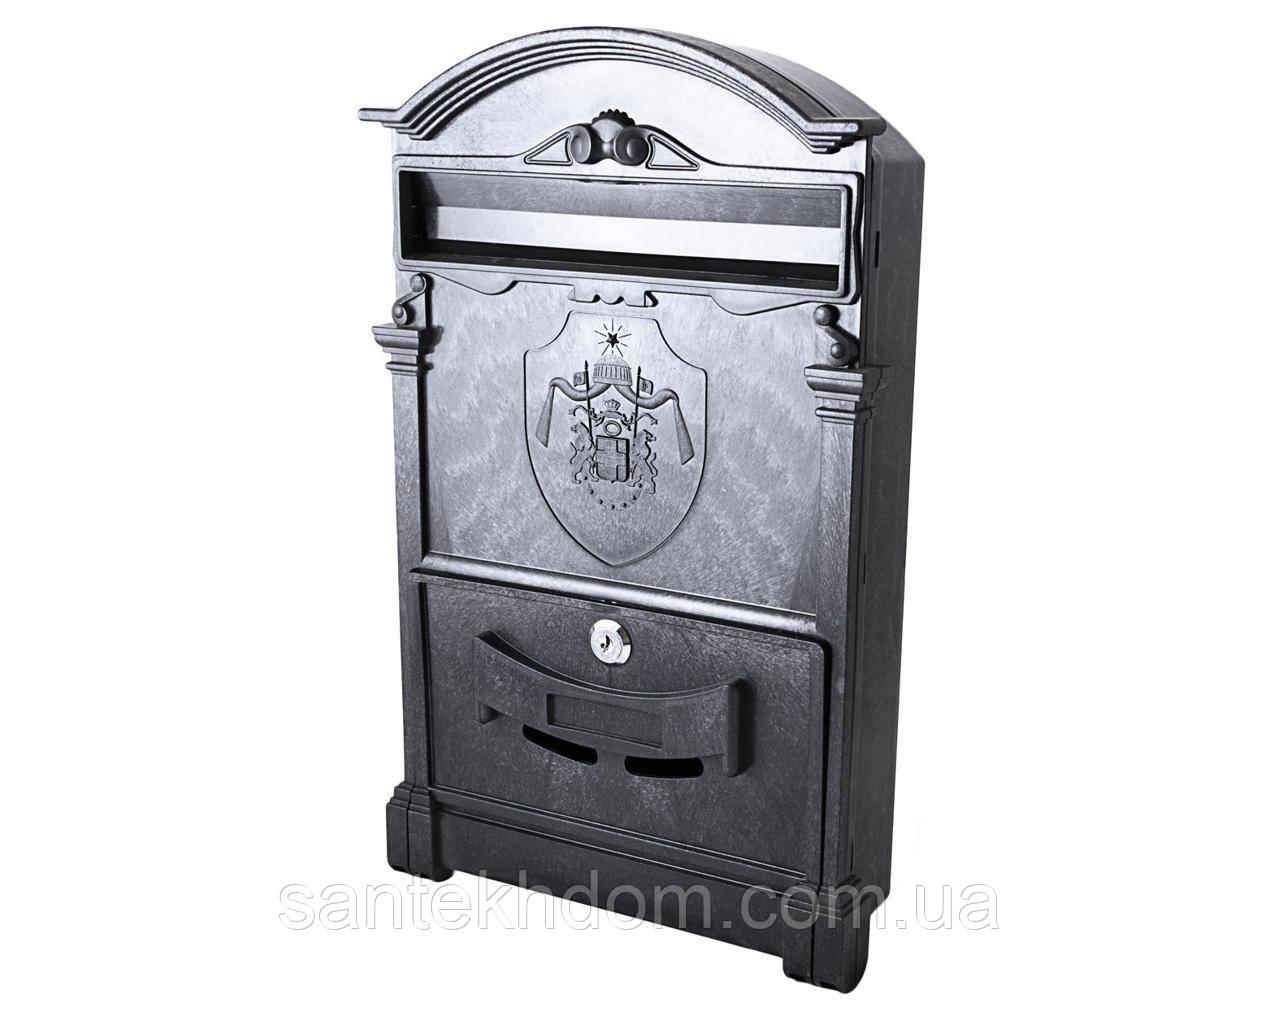 Почтовый ящик цвет черный с почтовым гербом Англии 18 века